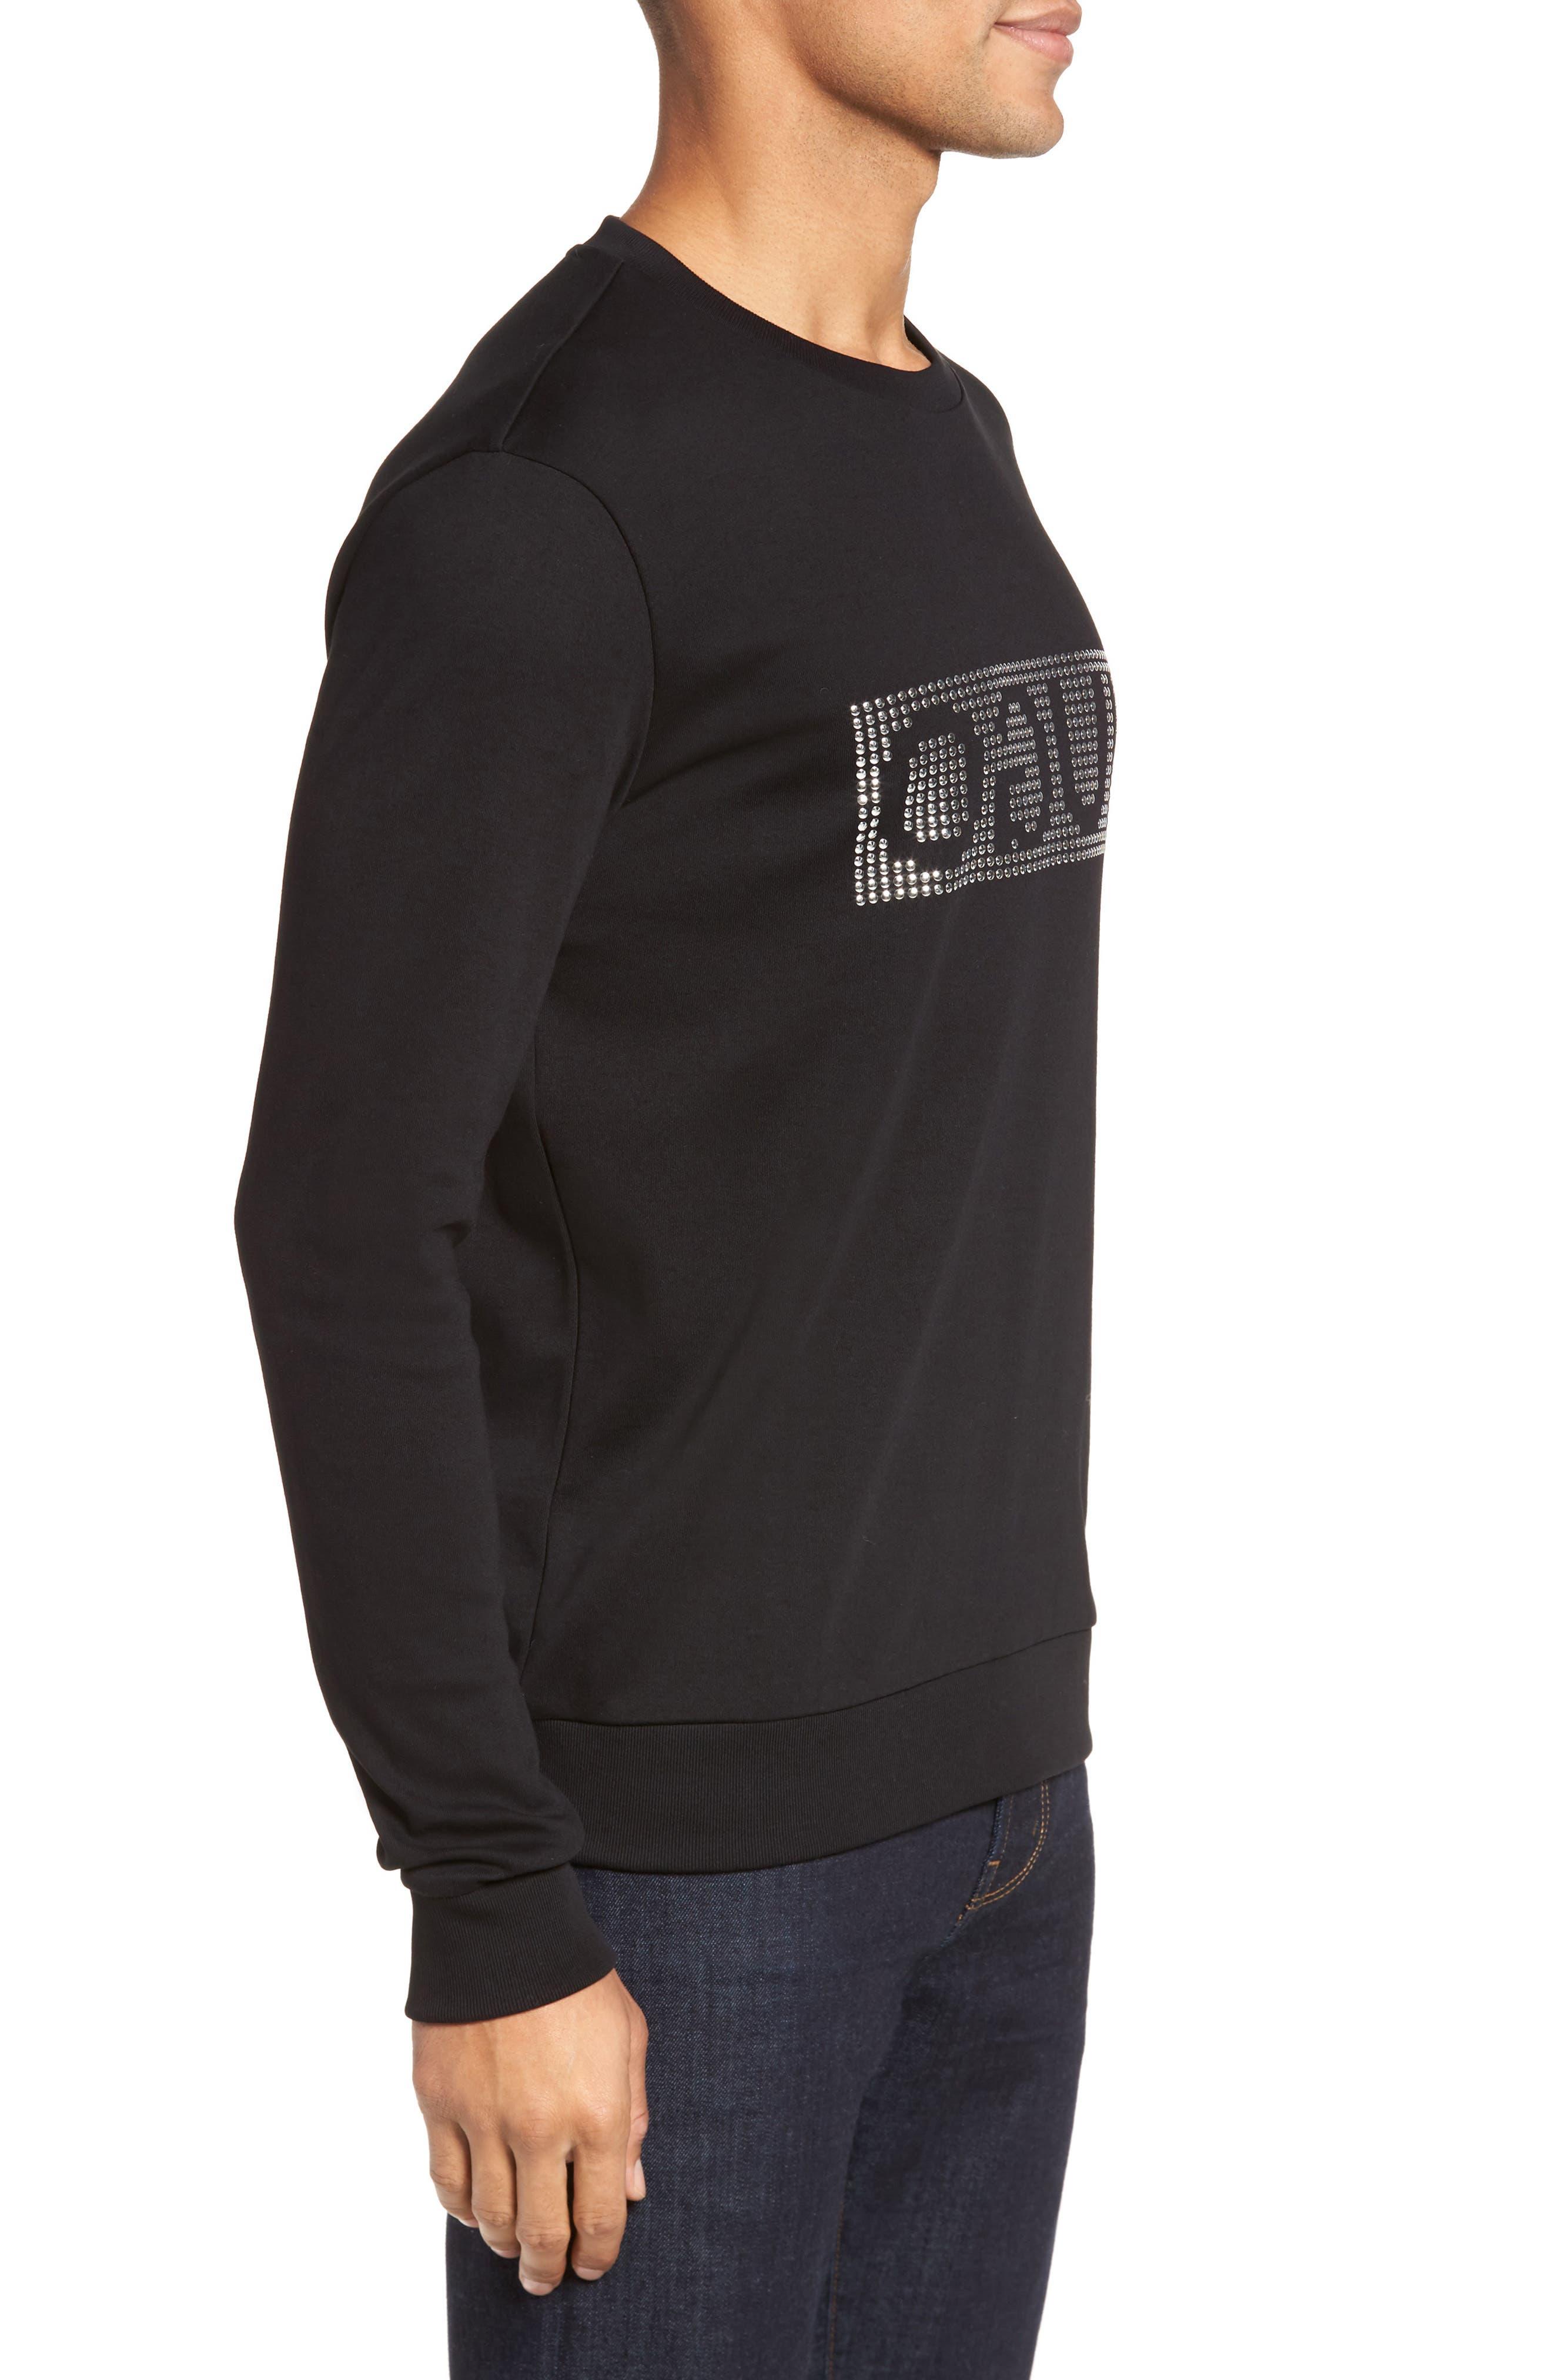 Dicagolo Logo Sweatshirt,                             Alternate thumbnail 3, color,                             001